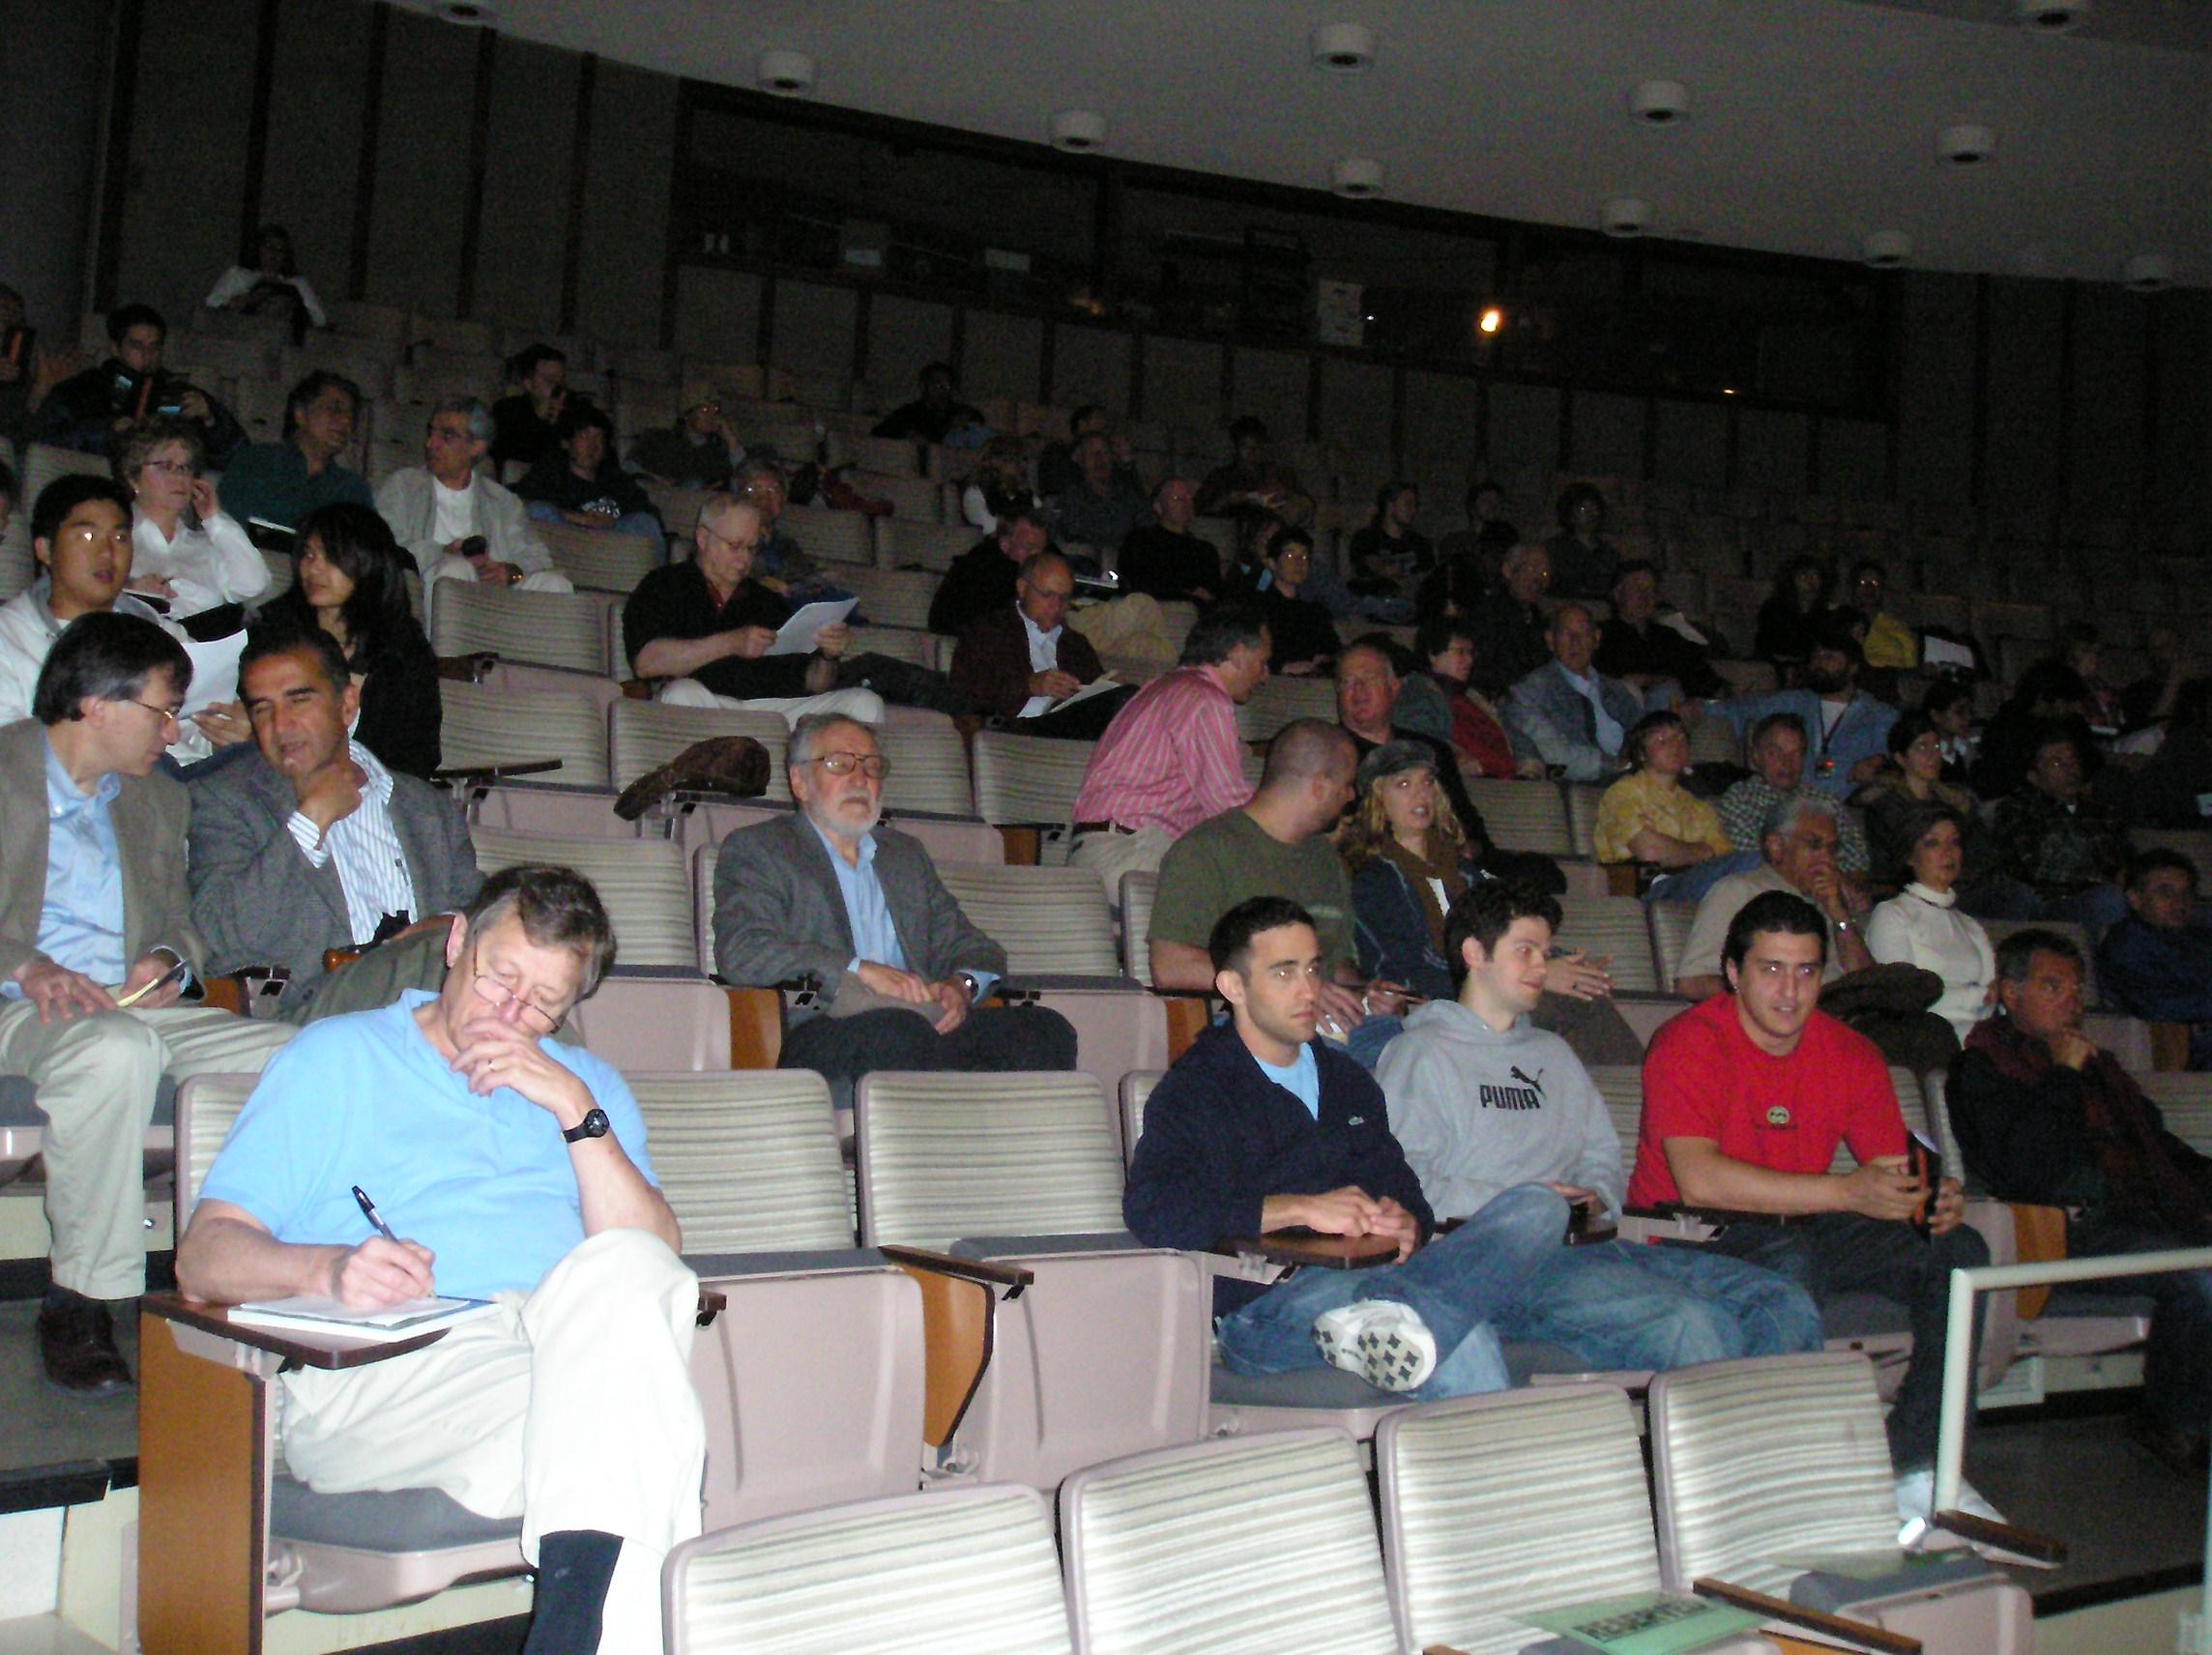 Berkeley 2007 p4070001